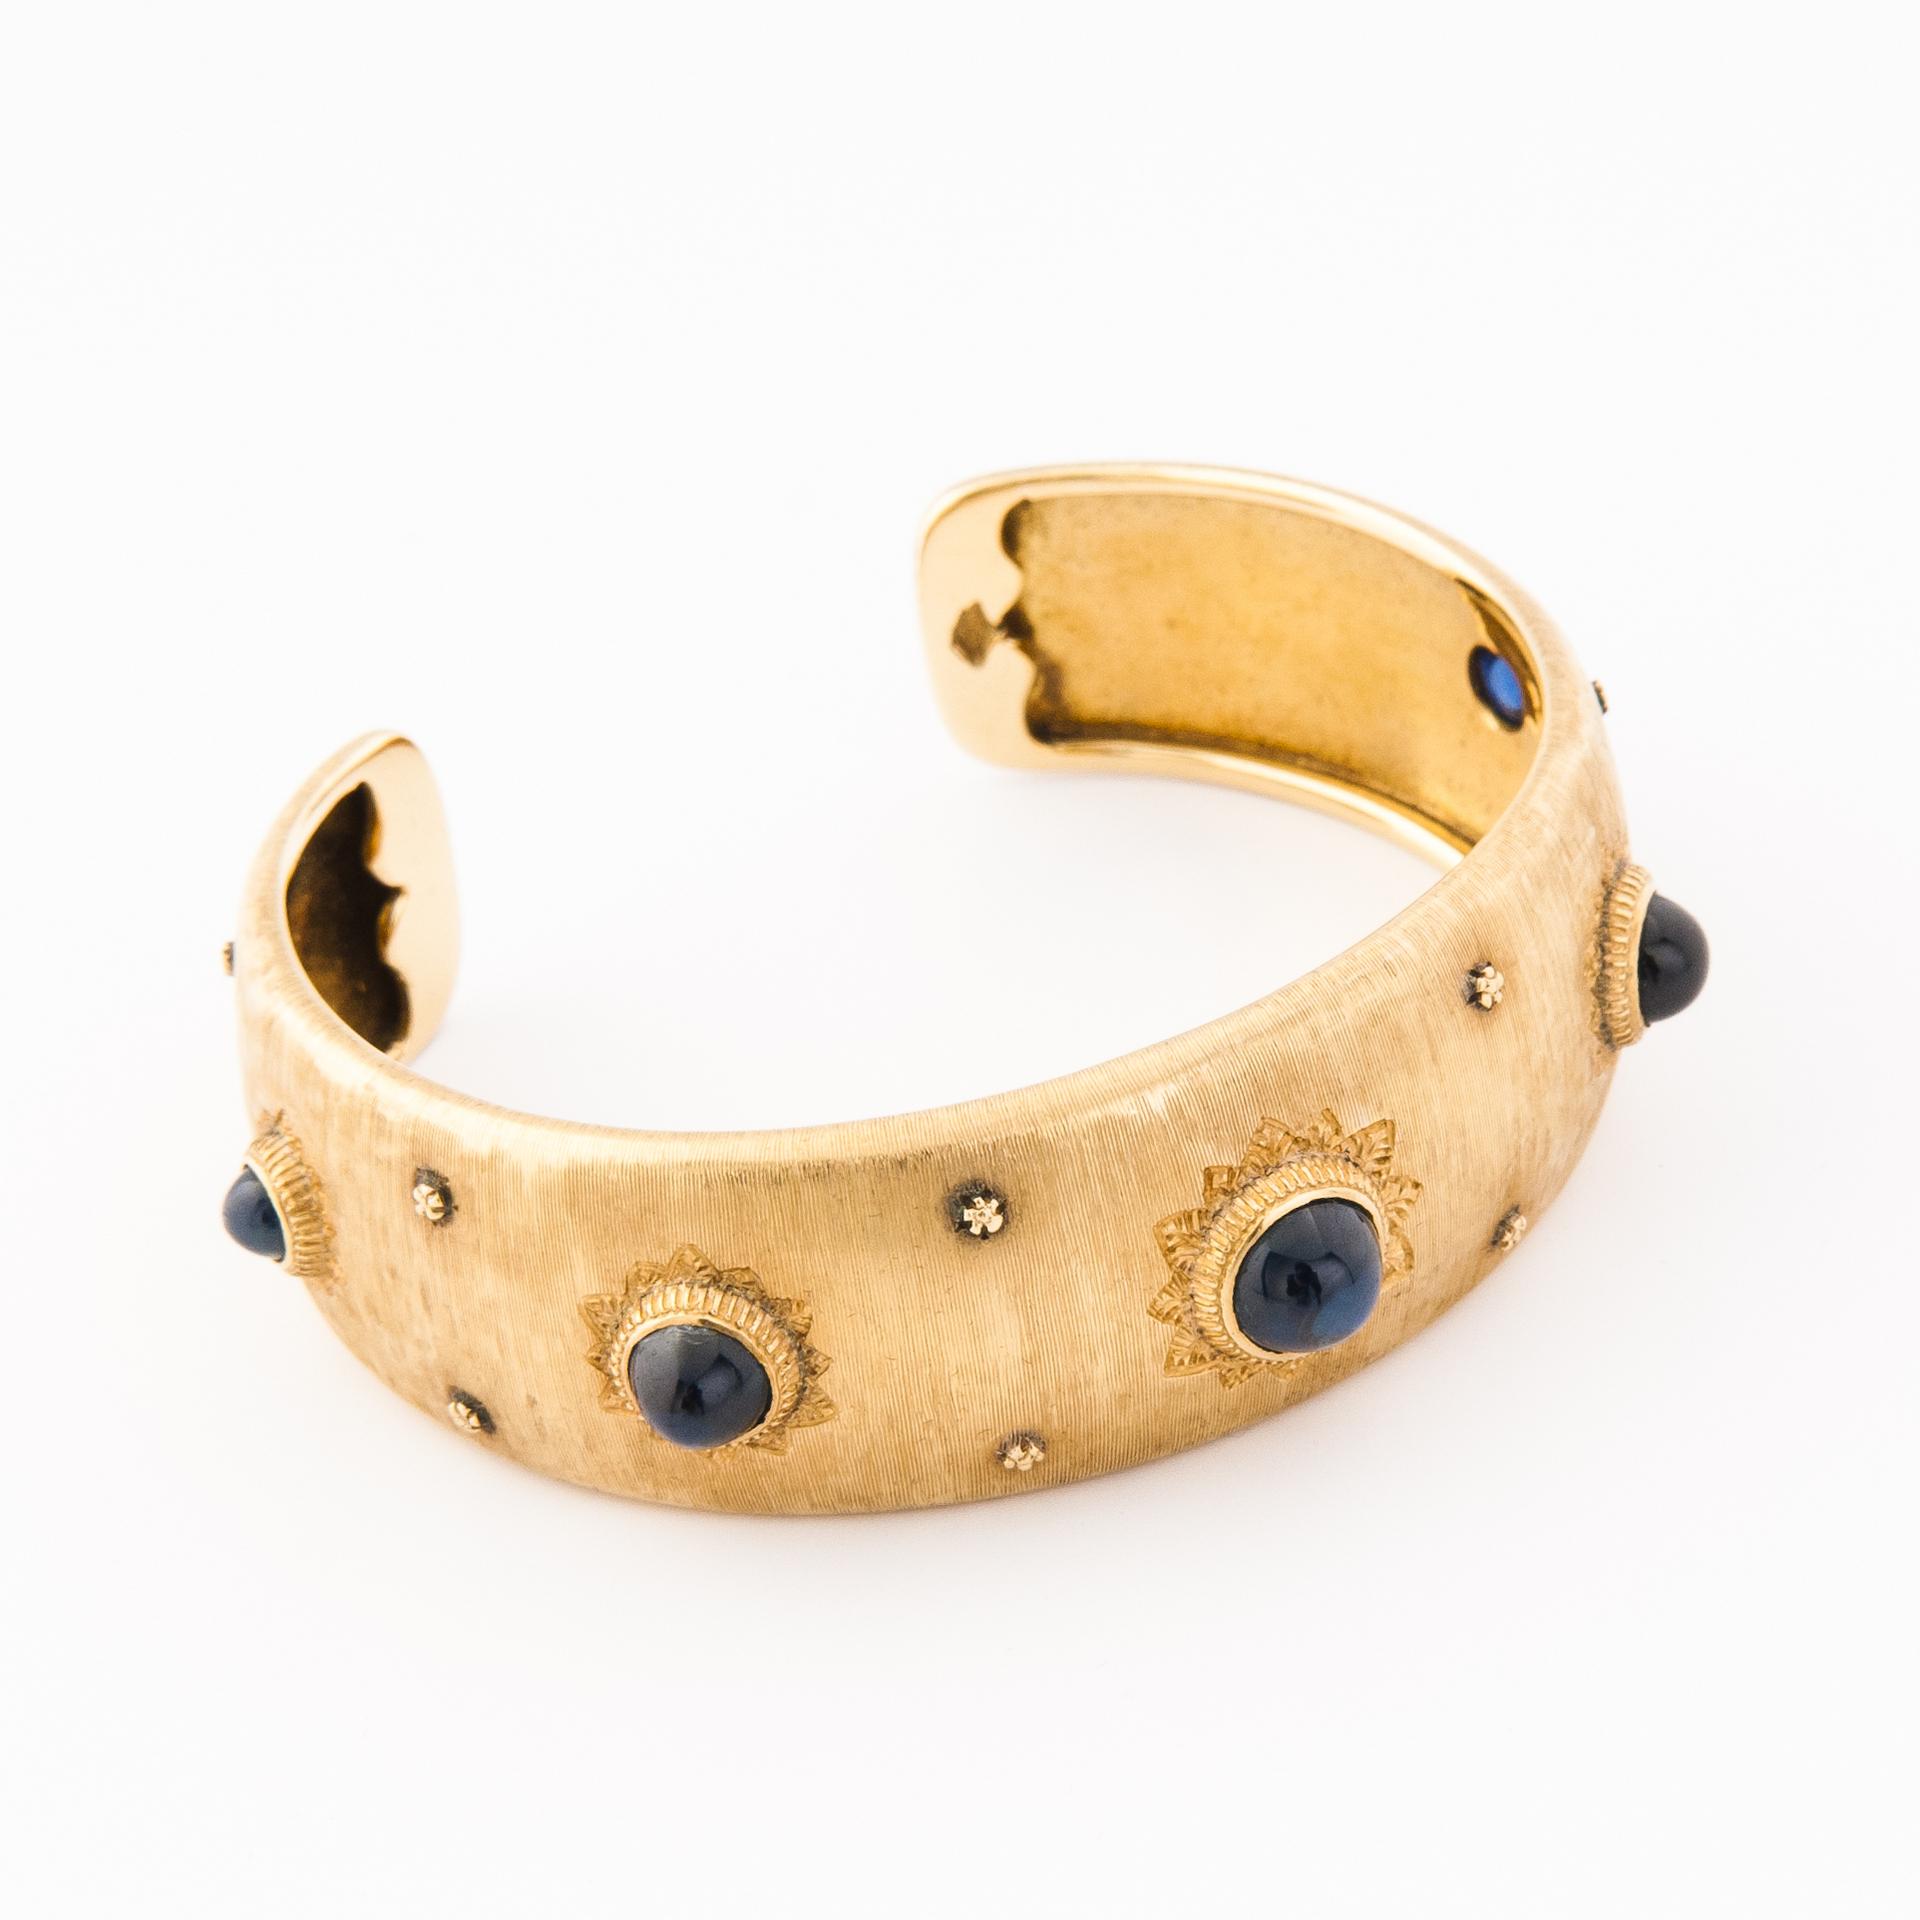 Top Bracciale vintage alla schiava in oro giallo 750 e zaffiri taglio QJ67